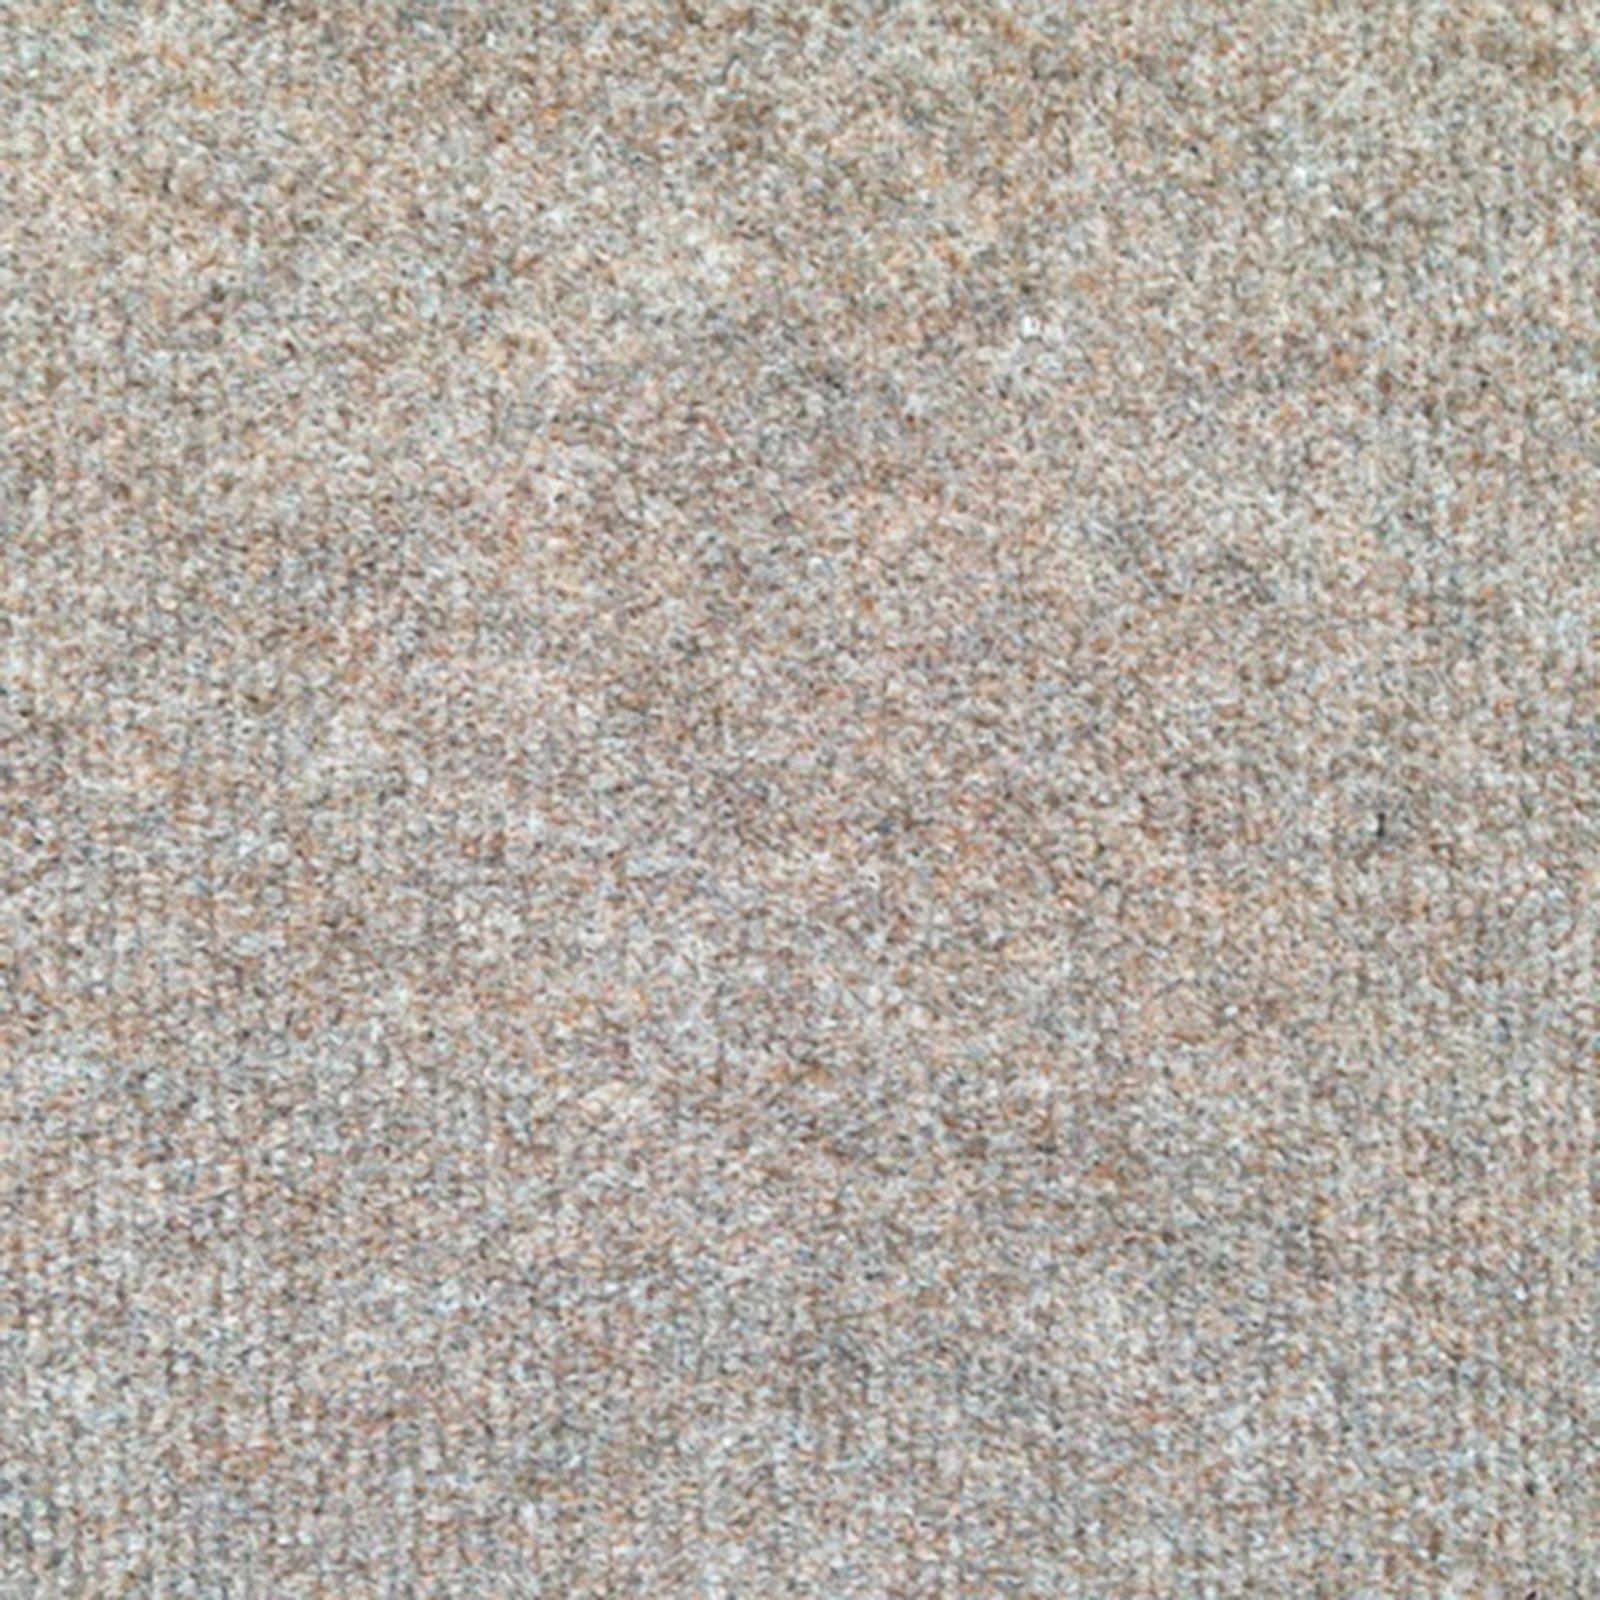 Teppichboden star beige 4 meter breit teppichboden for Kuchenzeile 4 meter breit